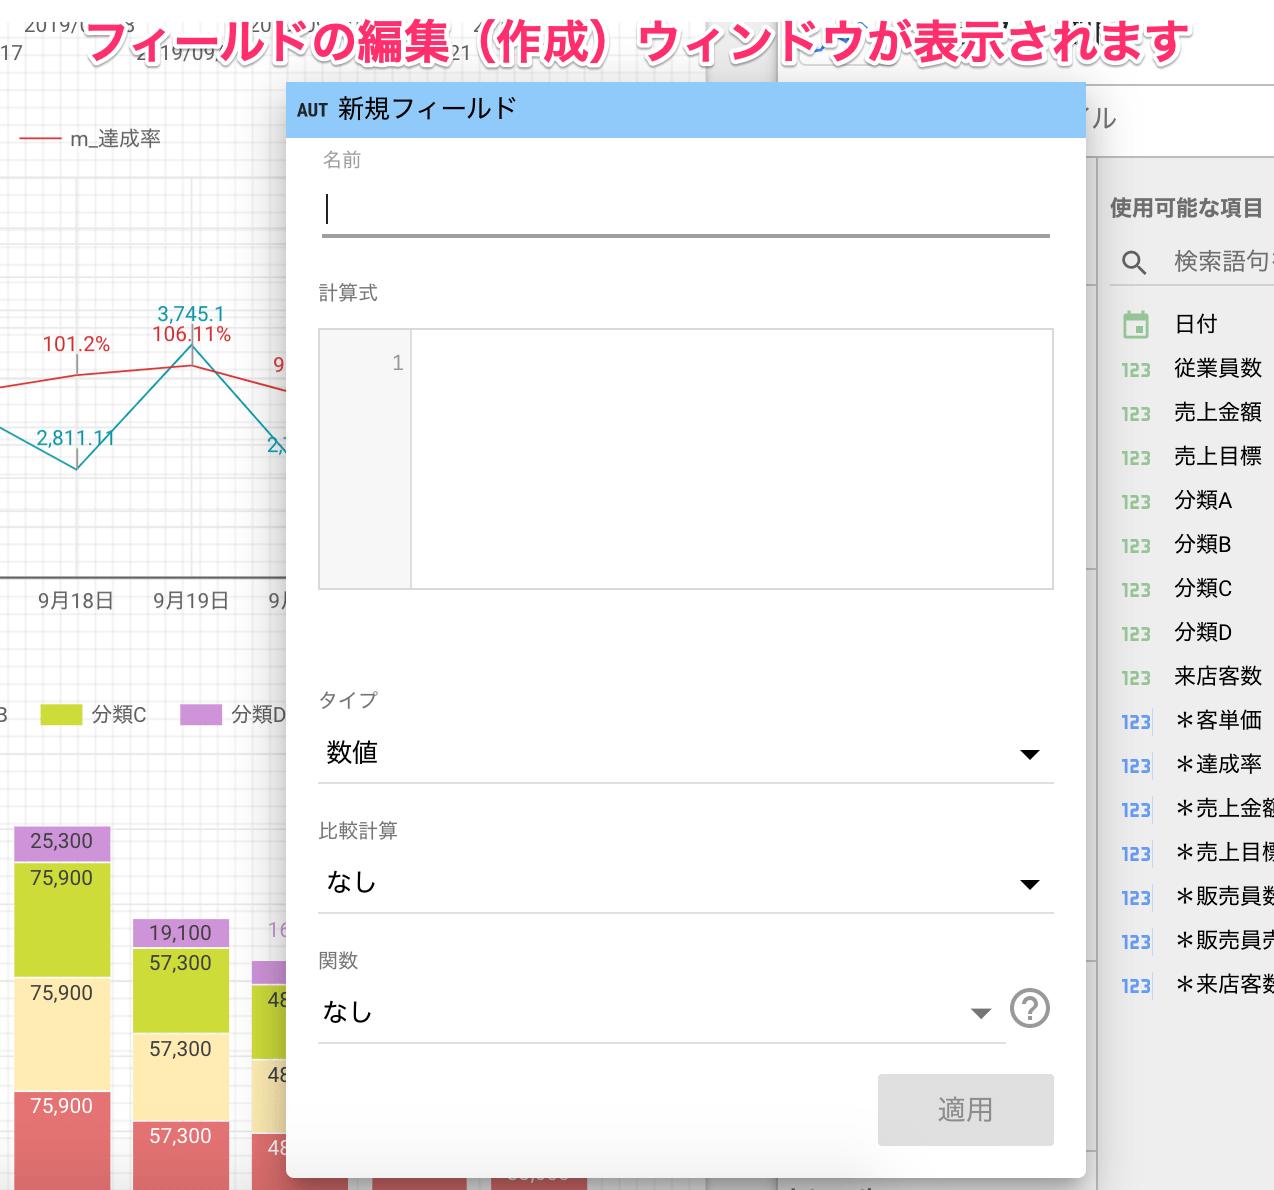 【Googleデータポータル】データソースと紐付かない新しい指標を埋め込み計算式として実装する